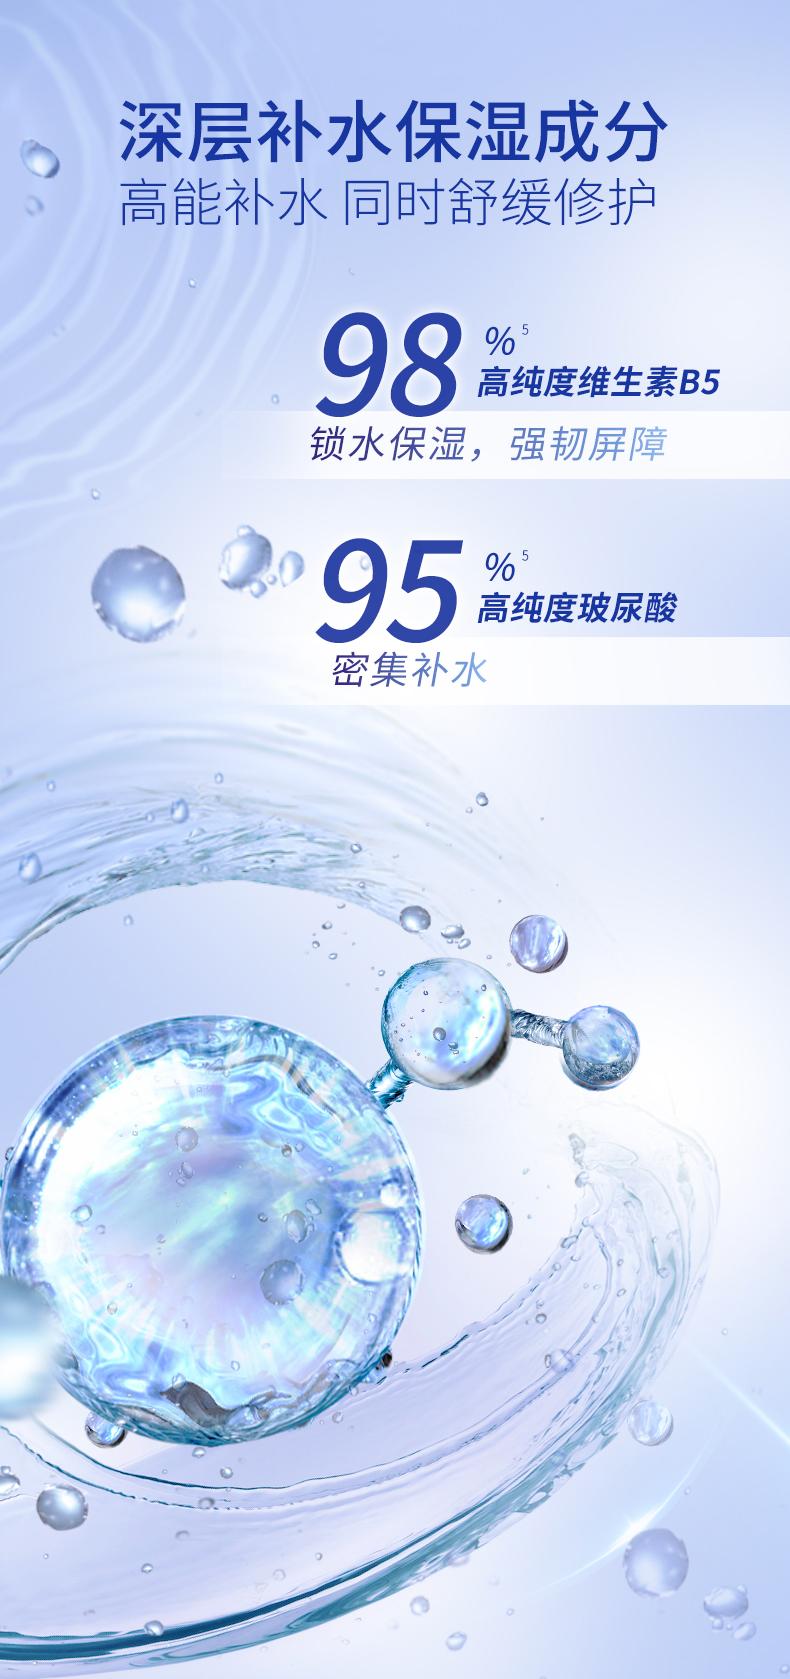 官方旗舰店蓝啵啵水乳套装深层滋润修护保湿保湿护肤韩国详细照片